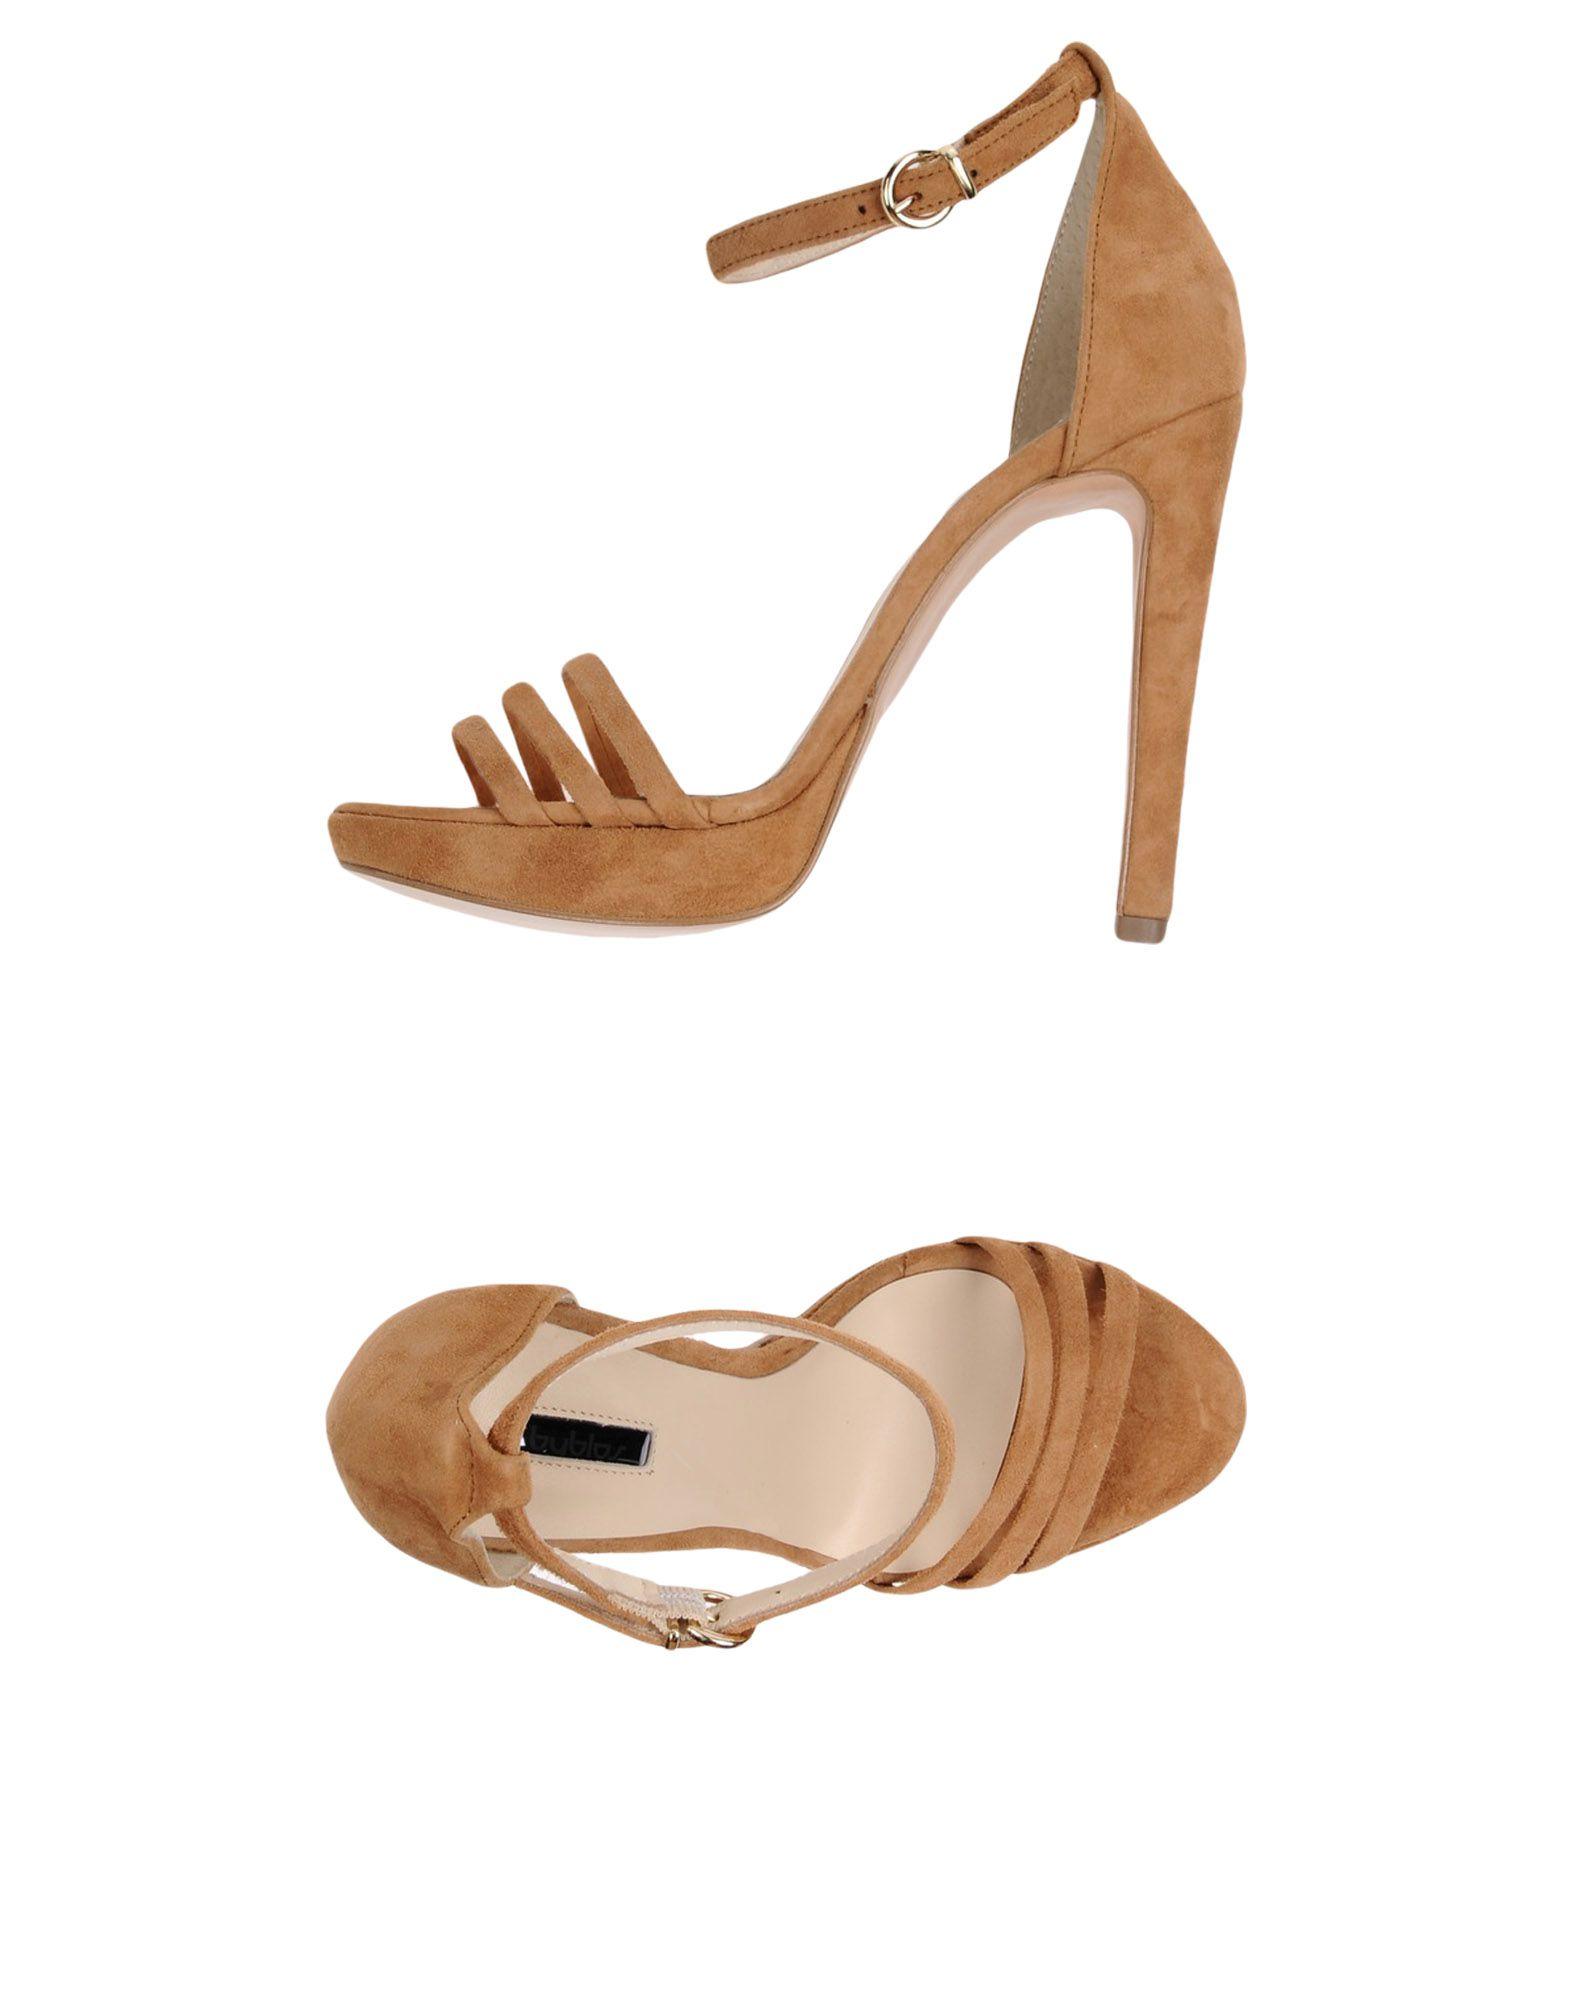 Byblos Sandalen Damen Schuhe  11426309PM Gute Qualität beliebte Schuhe Damen dce2f4